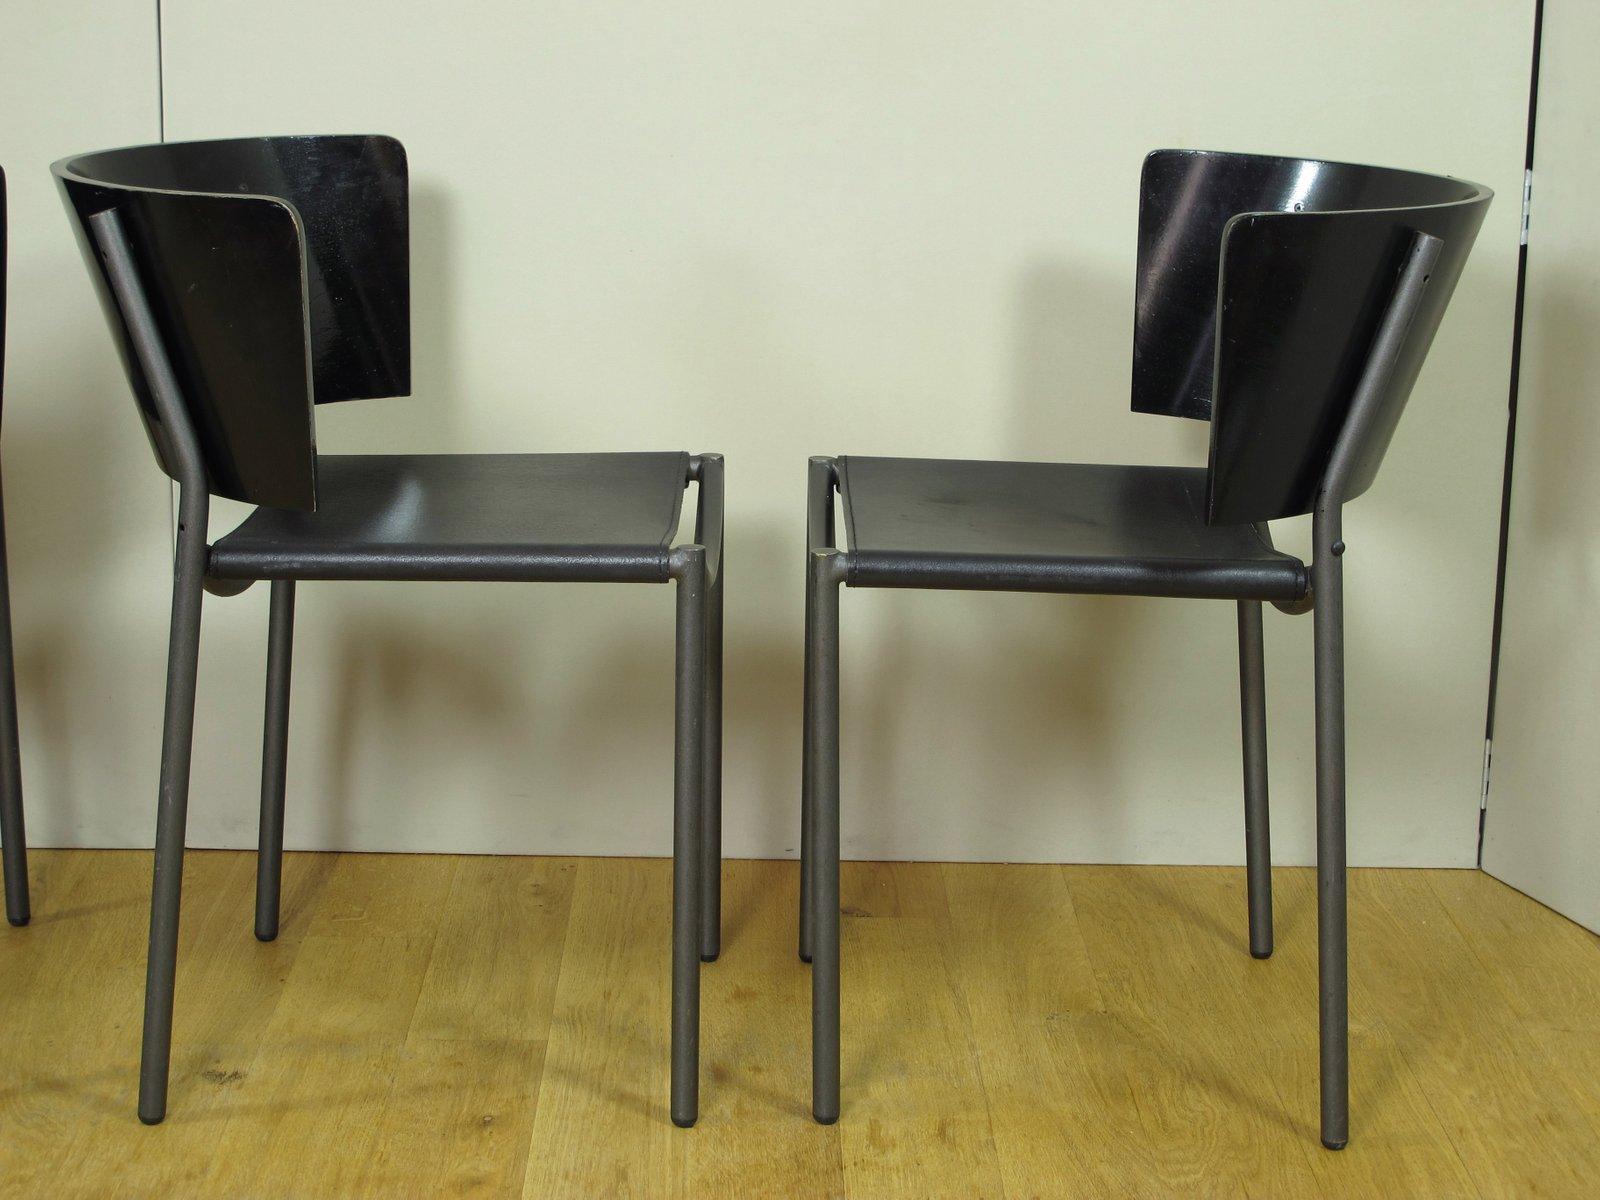 chaises hunter lilla par philippe starck pour xo 1990s set de 4 en vente sur pamono. Black Bedroom Furniture Sets. Home Design Ideas